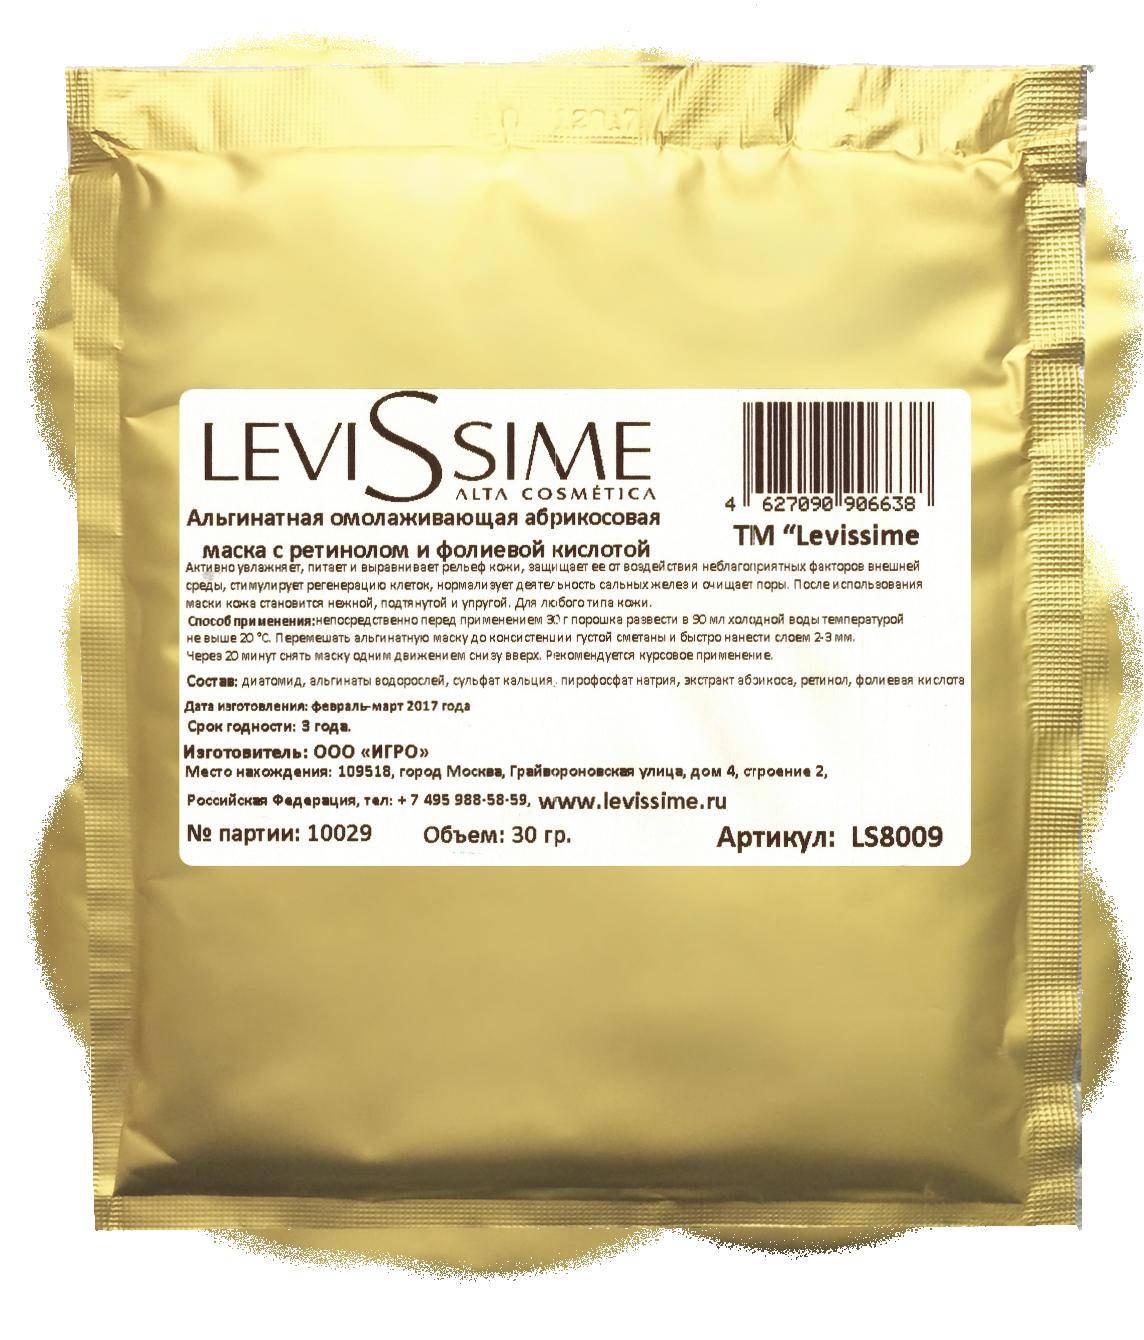 LEVISSIME Маска альгинатная омолаживающая абрикосовая с ретинолом и фолиевой кислотой 30 г фото